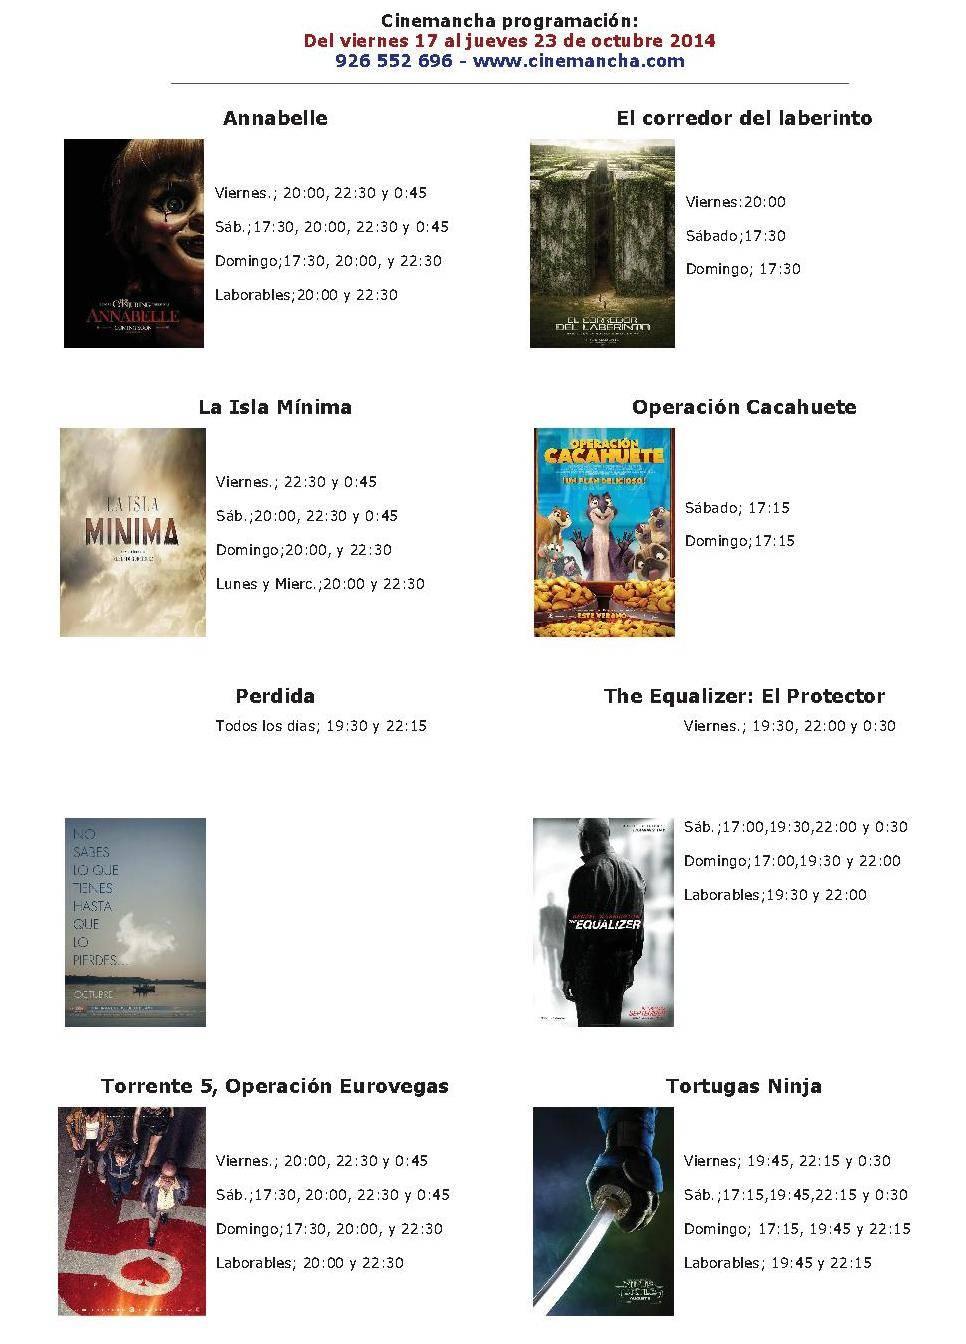 cartelera de cinemancha del 17 al 23 de octubre - Cinemancha programación: Del viernes 17 al jueves 23 de octubre 2014